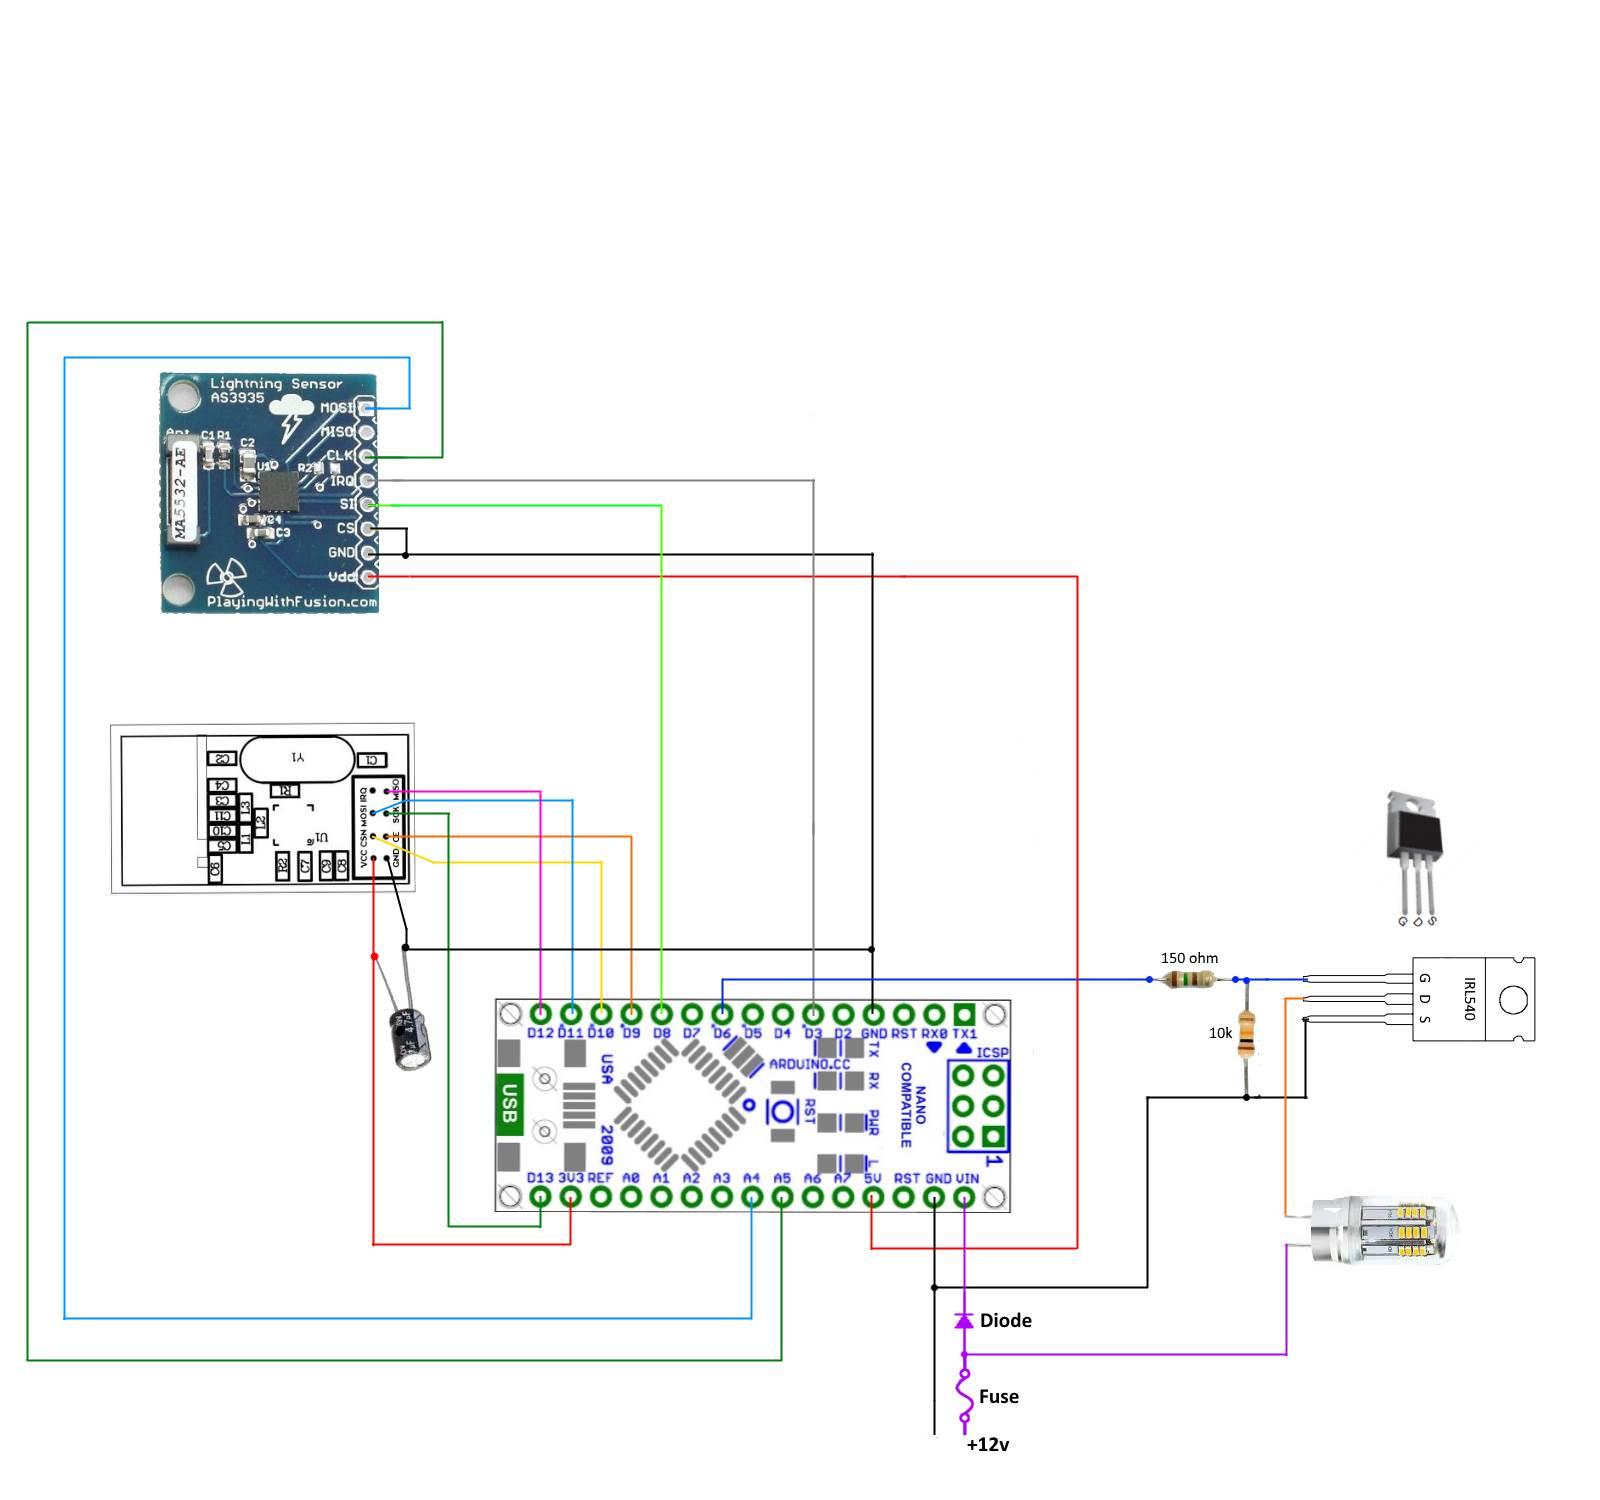 hight resolution of 0 1466907658702 lightning sensor noreg i2c jpg